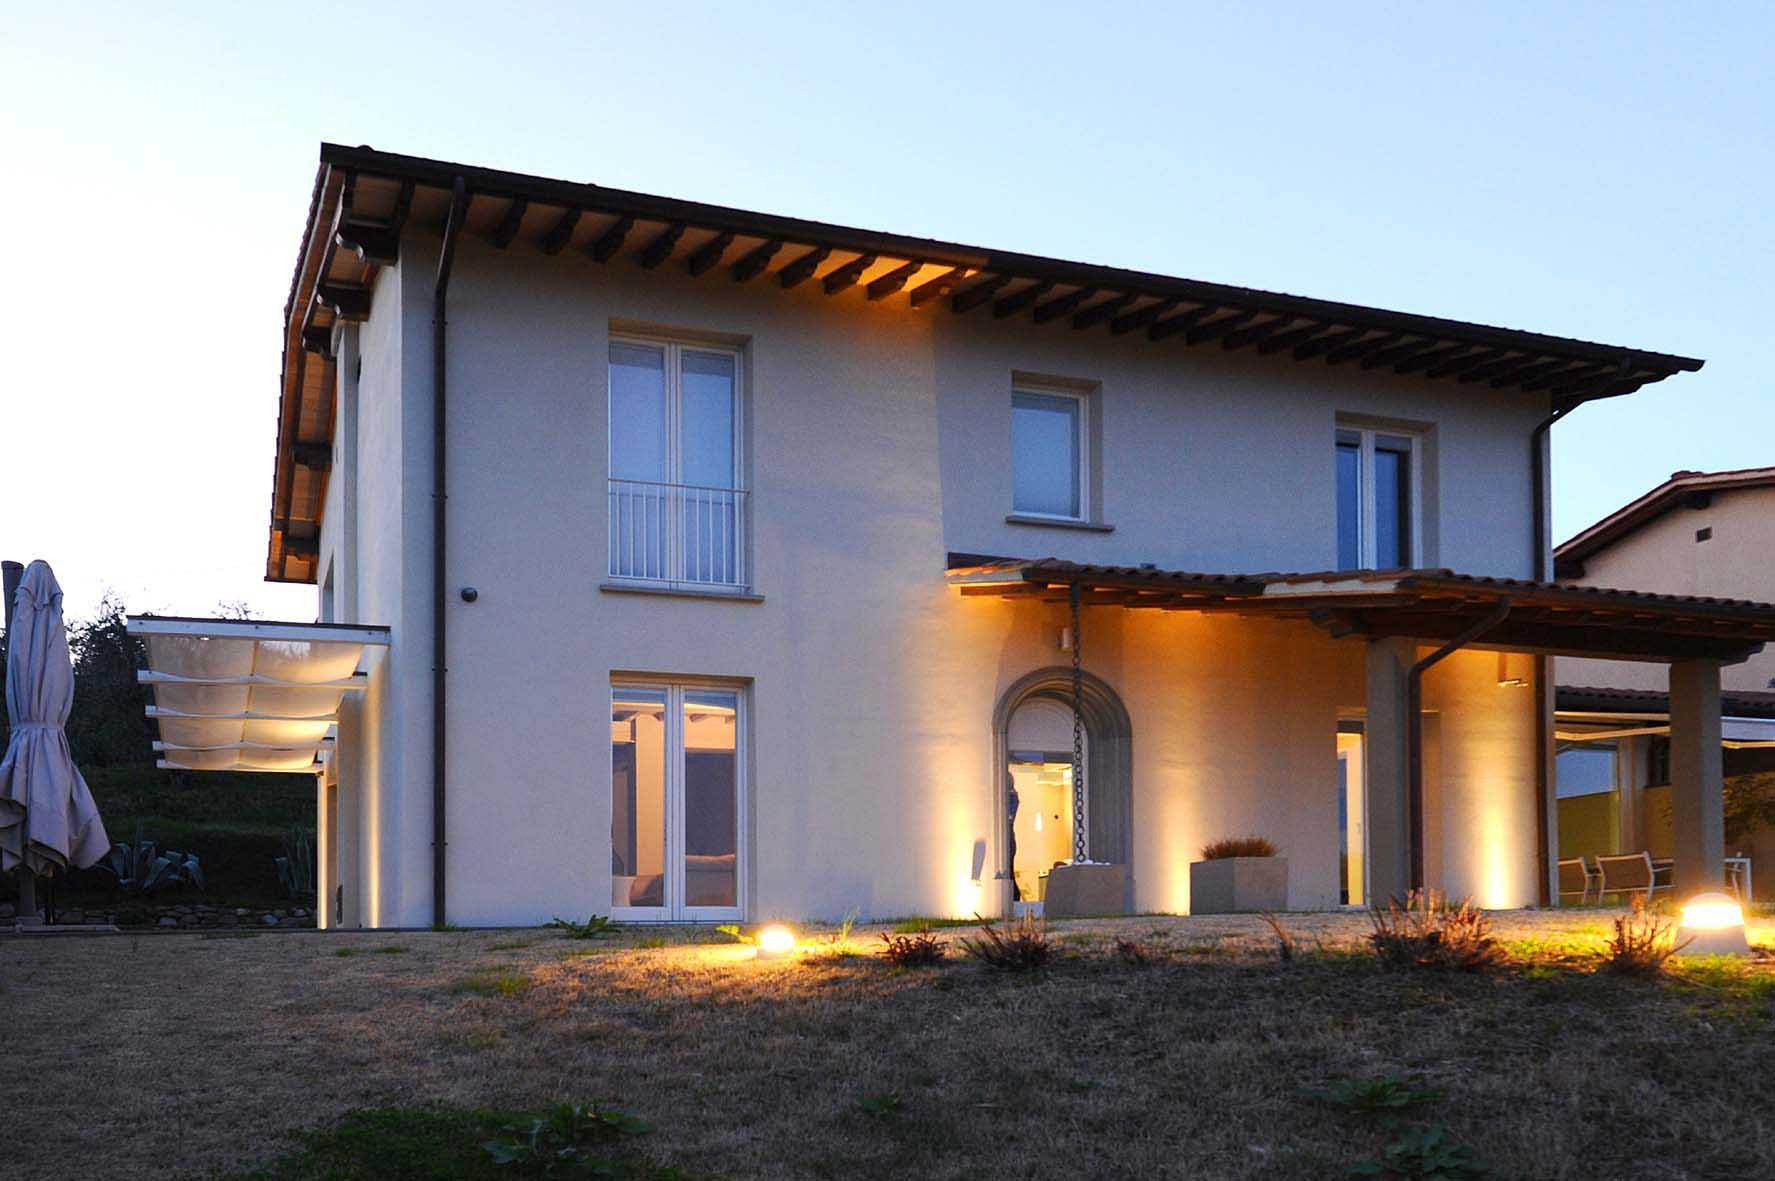 Villa in vendita a Massa e Cozzile, 16 locali, zona Zona: Massa, prezzo € 1.180.000 | Cambio Casa.it